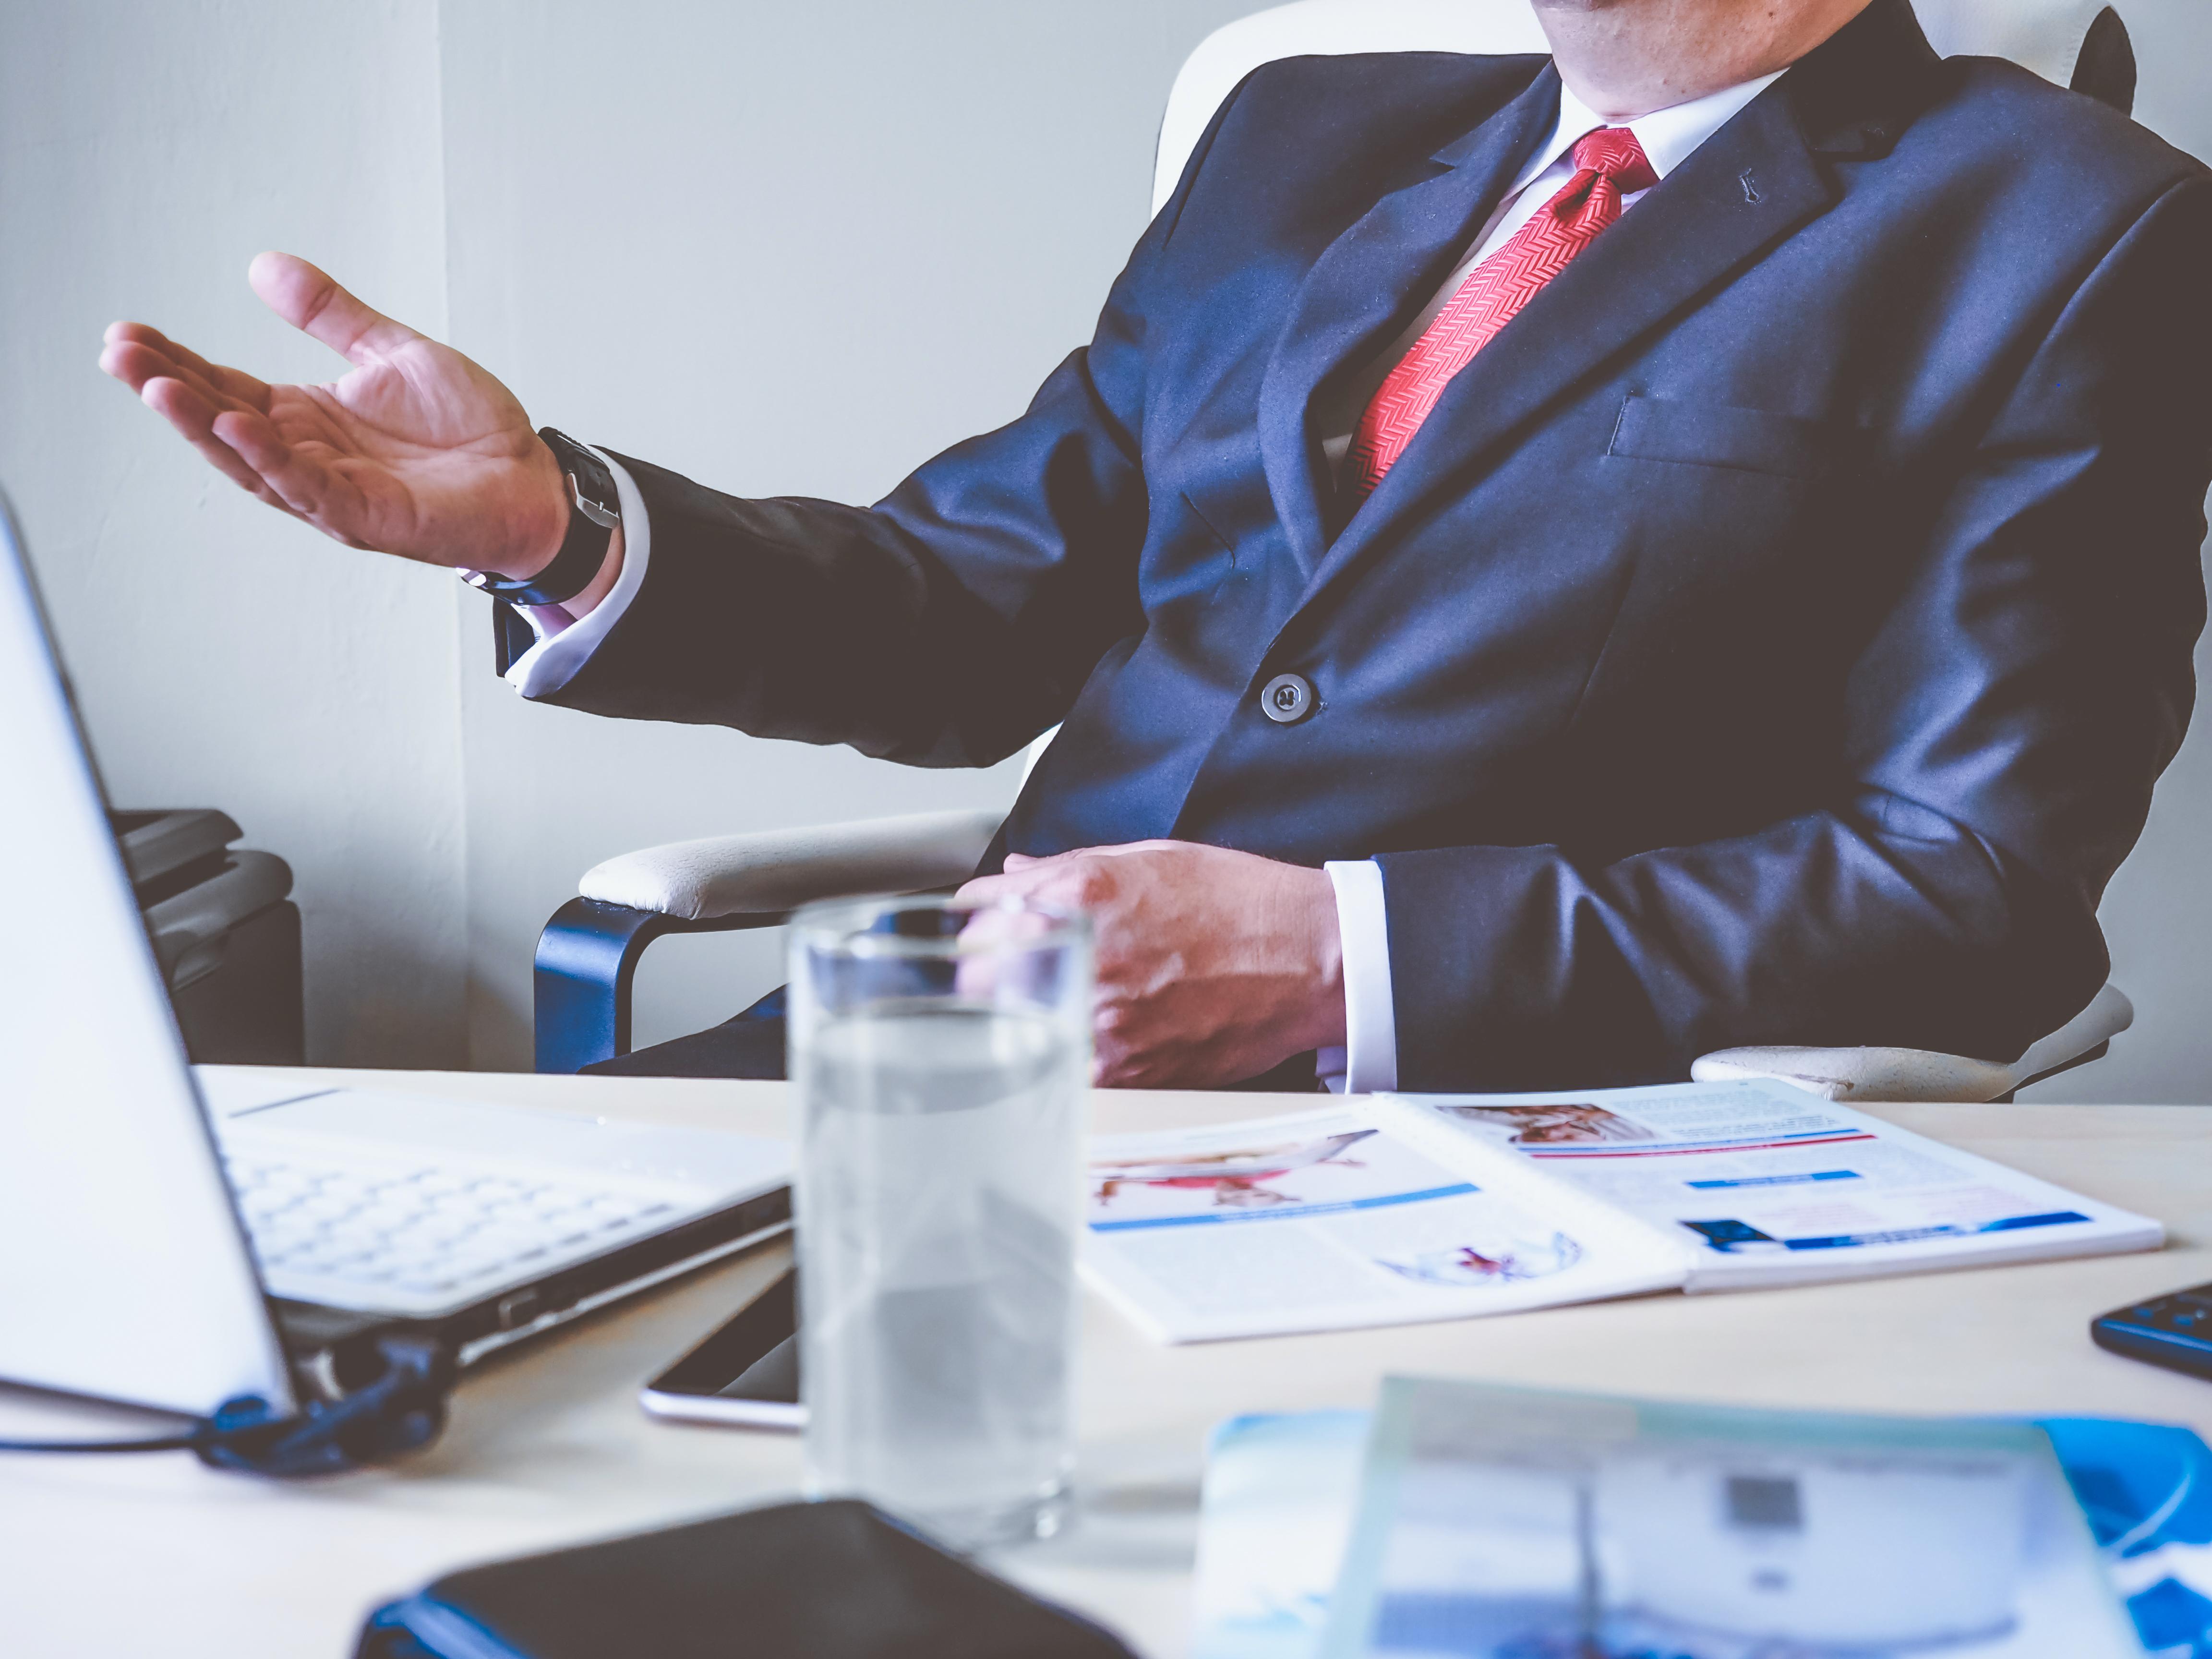 Разработка видения,инвестиционных приоритетов и перспективной системы управления торгово-производственной группы компаний